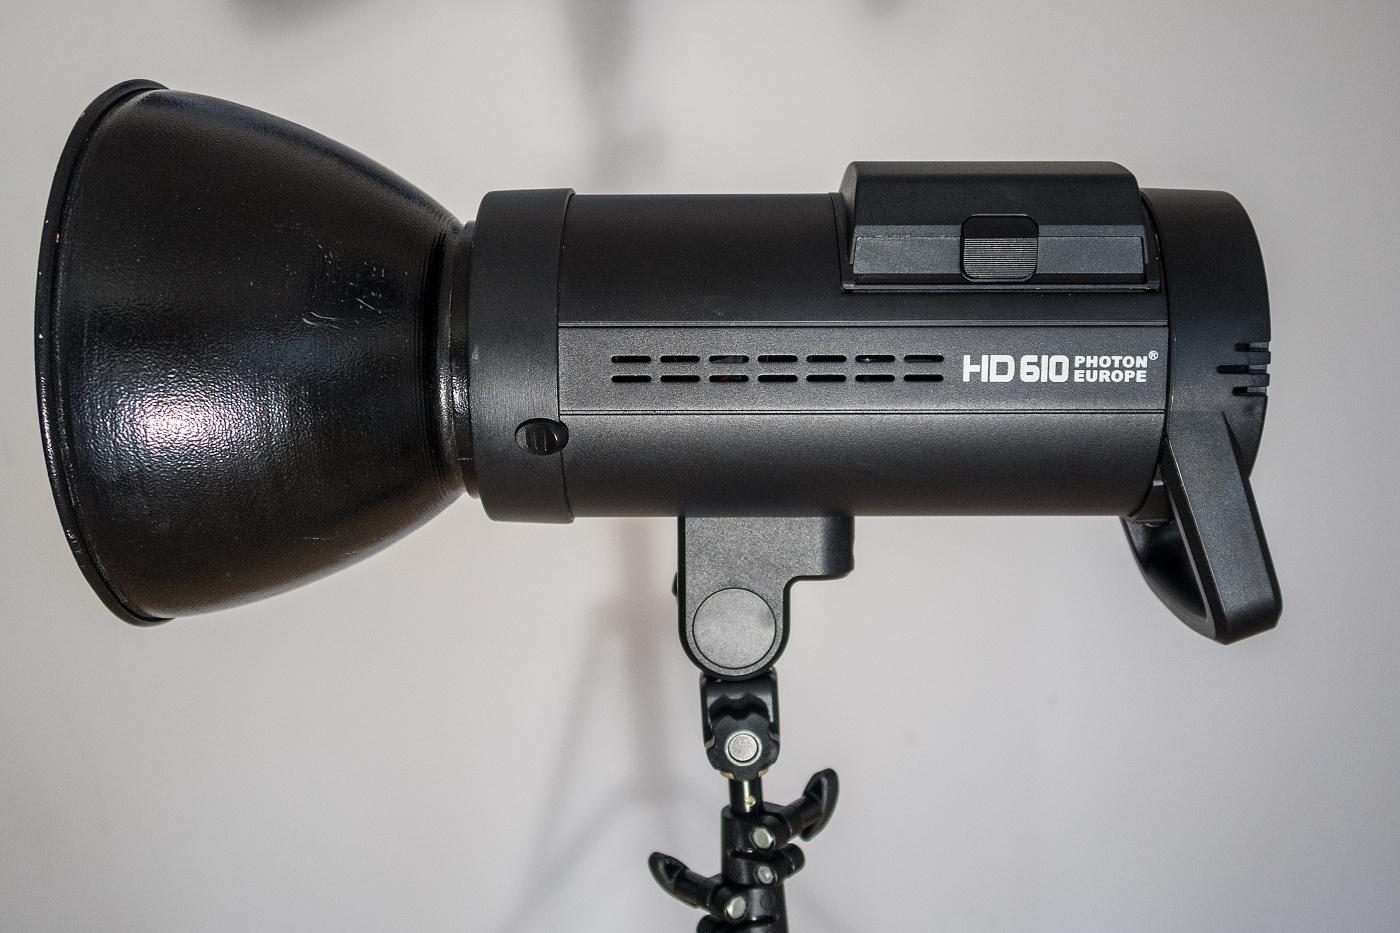 Photon Europe HD 610 v plné kráse